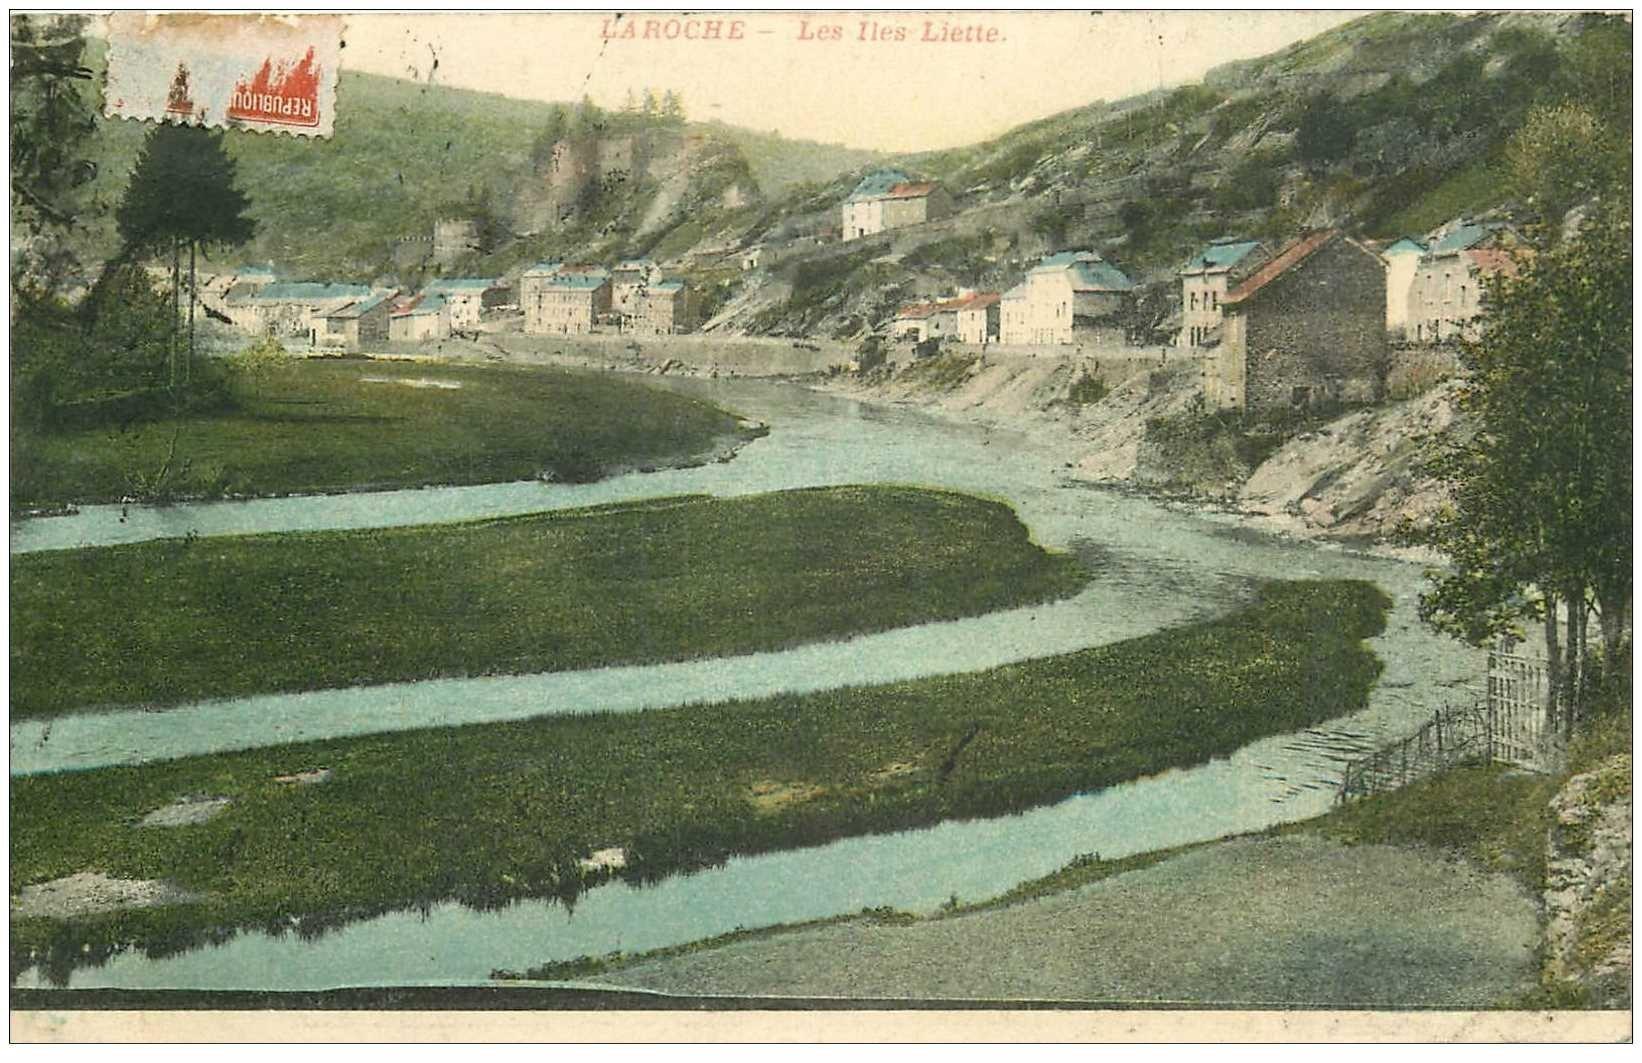 carte postale ancienne LUXEMBOURG. Les Iles Liette. Demi timbre 1910